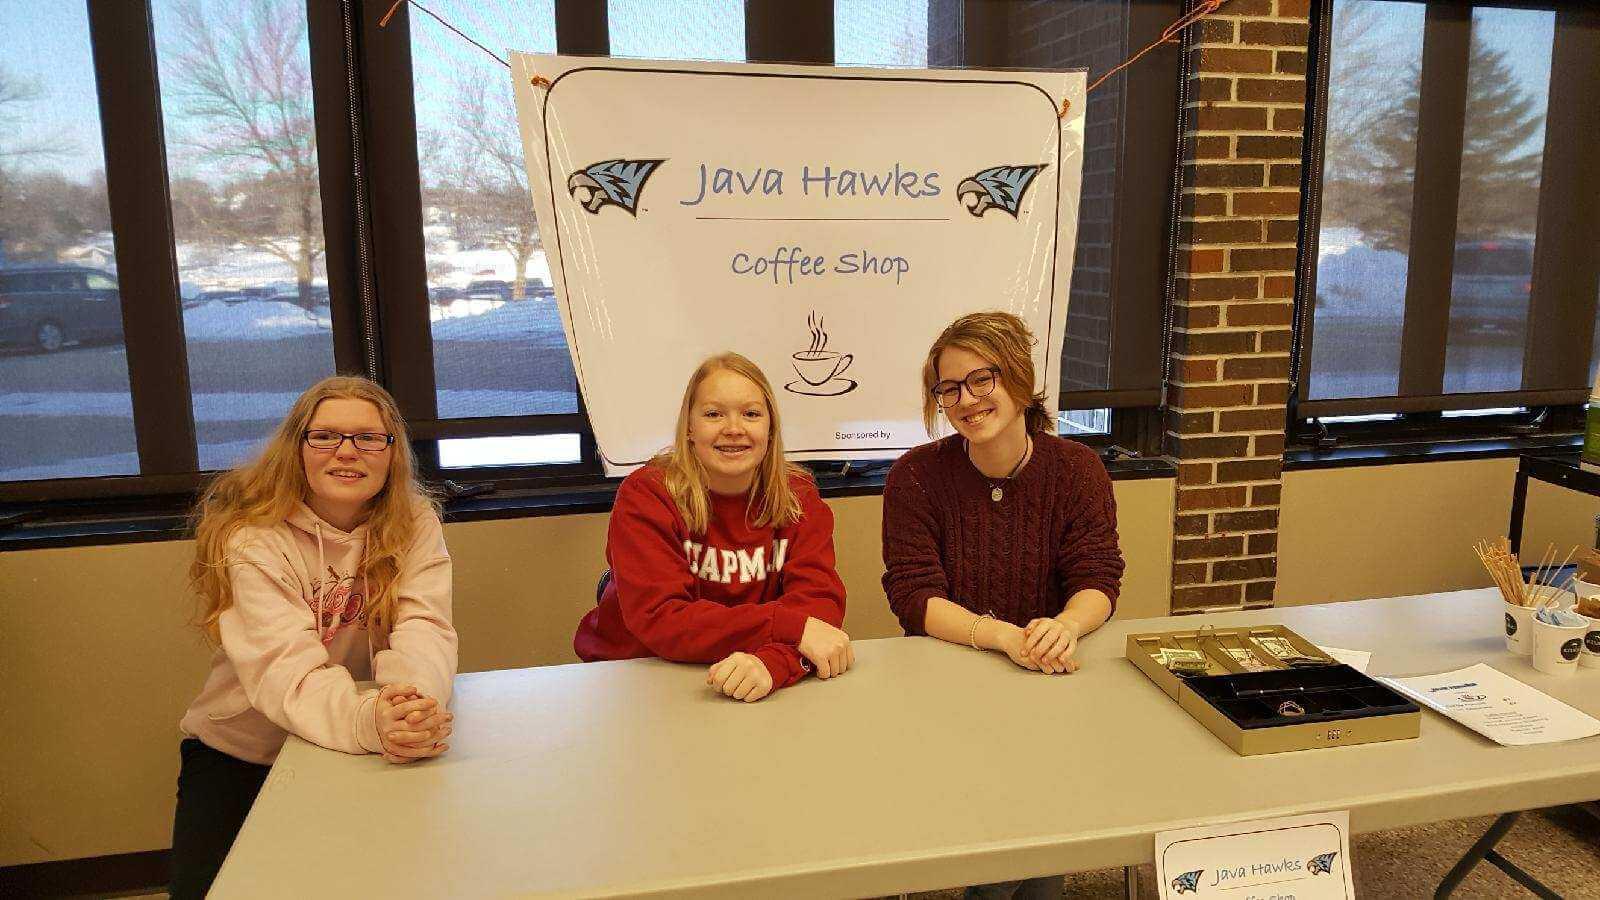 Java Hawks